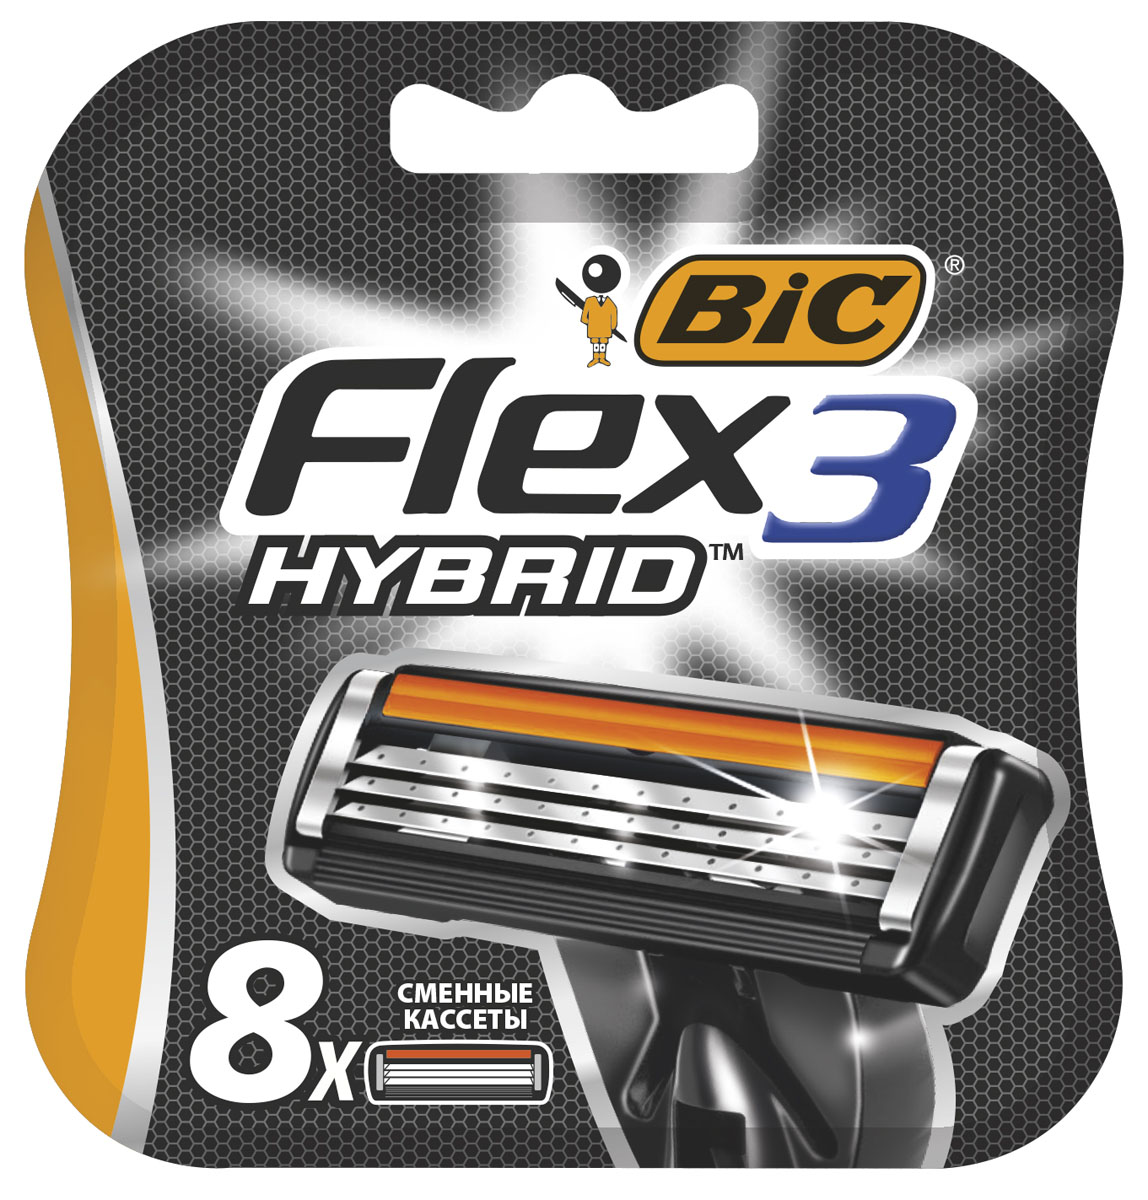 Bic Flex 3 Hybrid Сменные кассеты для бритья, 8 шт - Мужские средства для бритья и уход за бородой